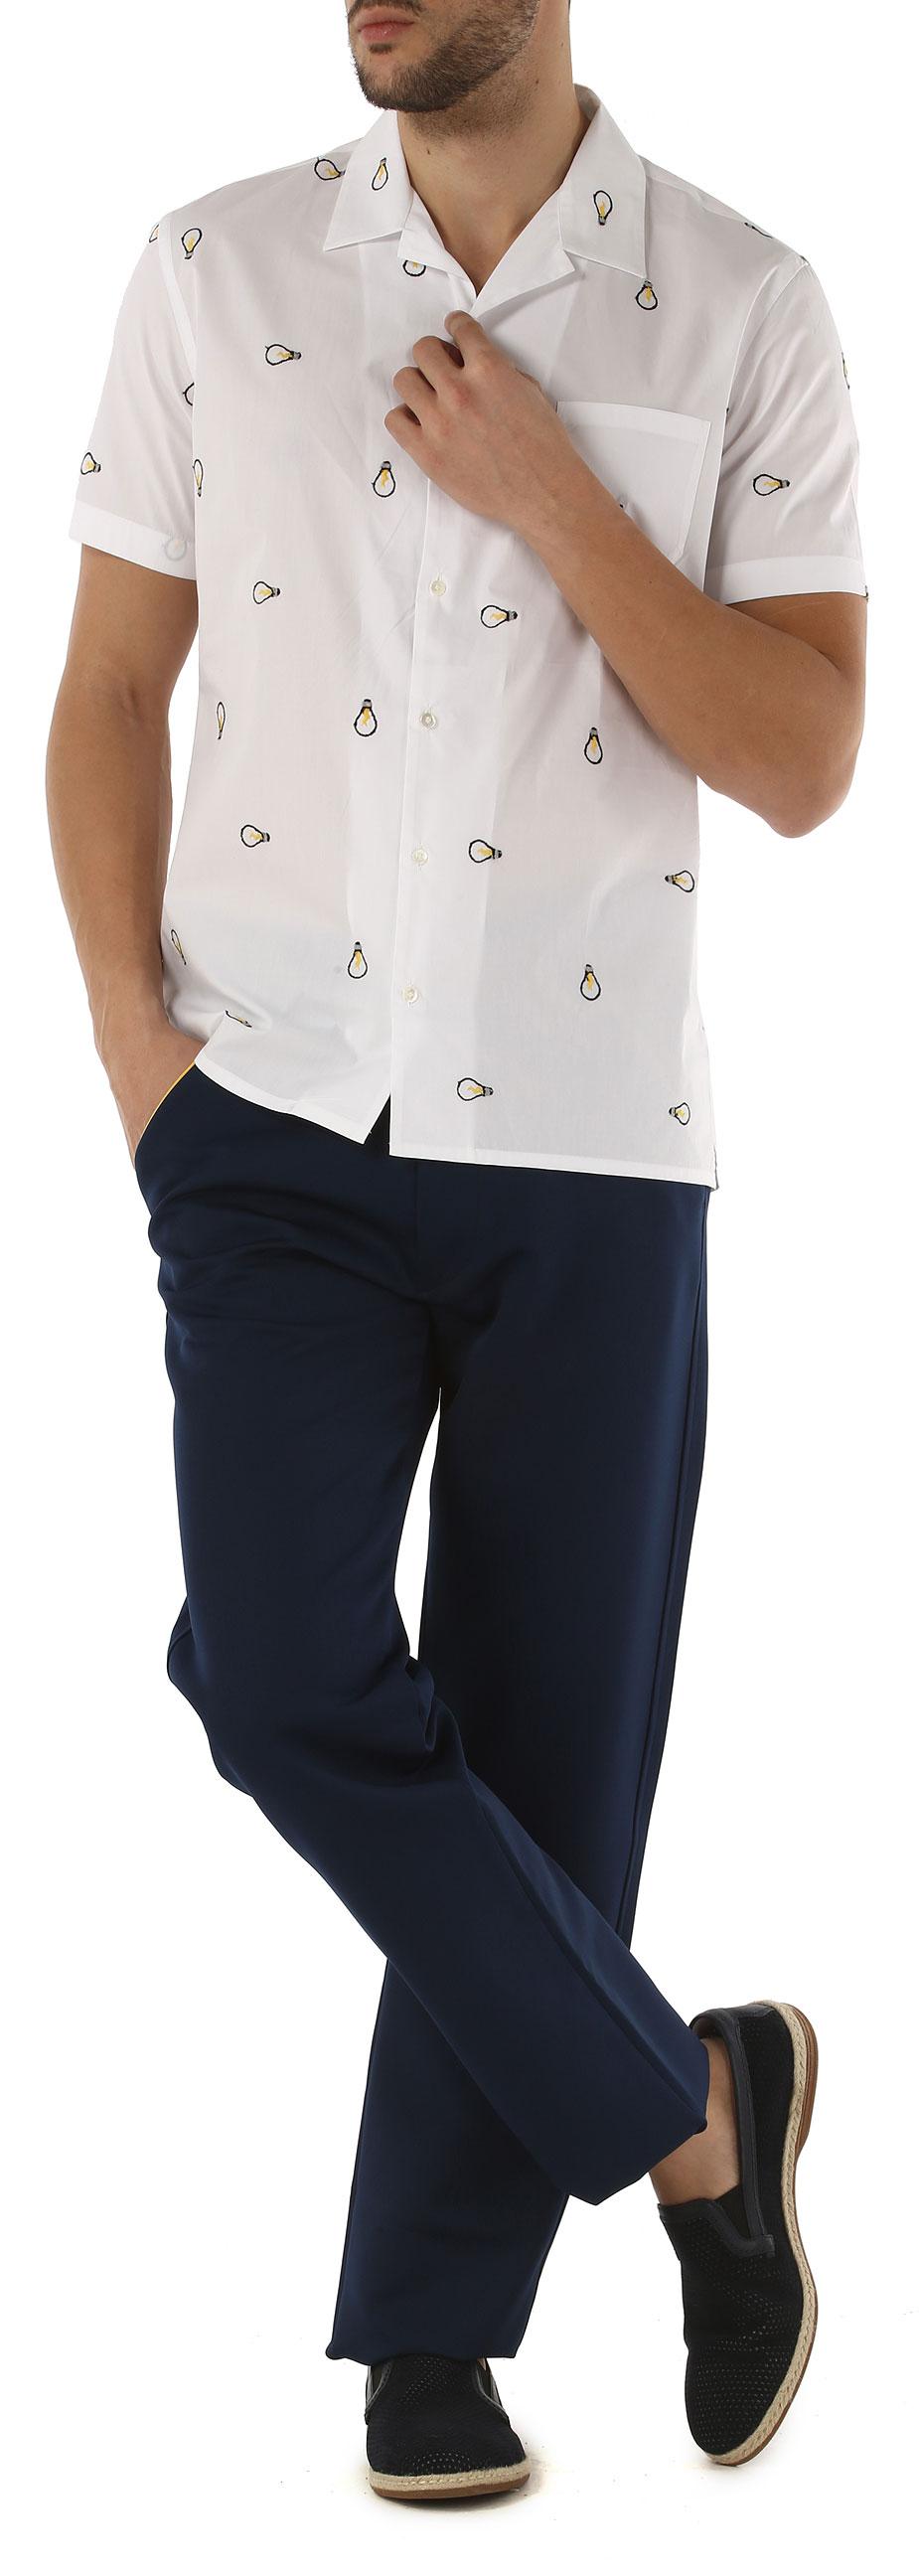 Abbigliamento Uomo Fendi, Codice Articolo: fs0620-6p5-f0qa0